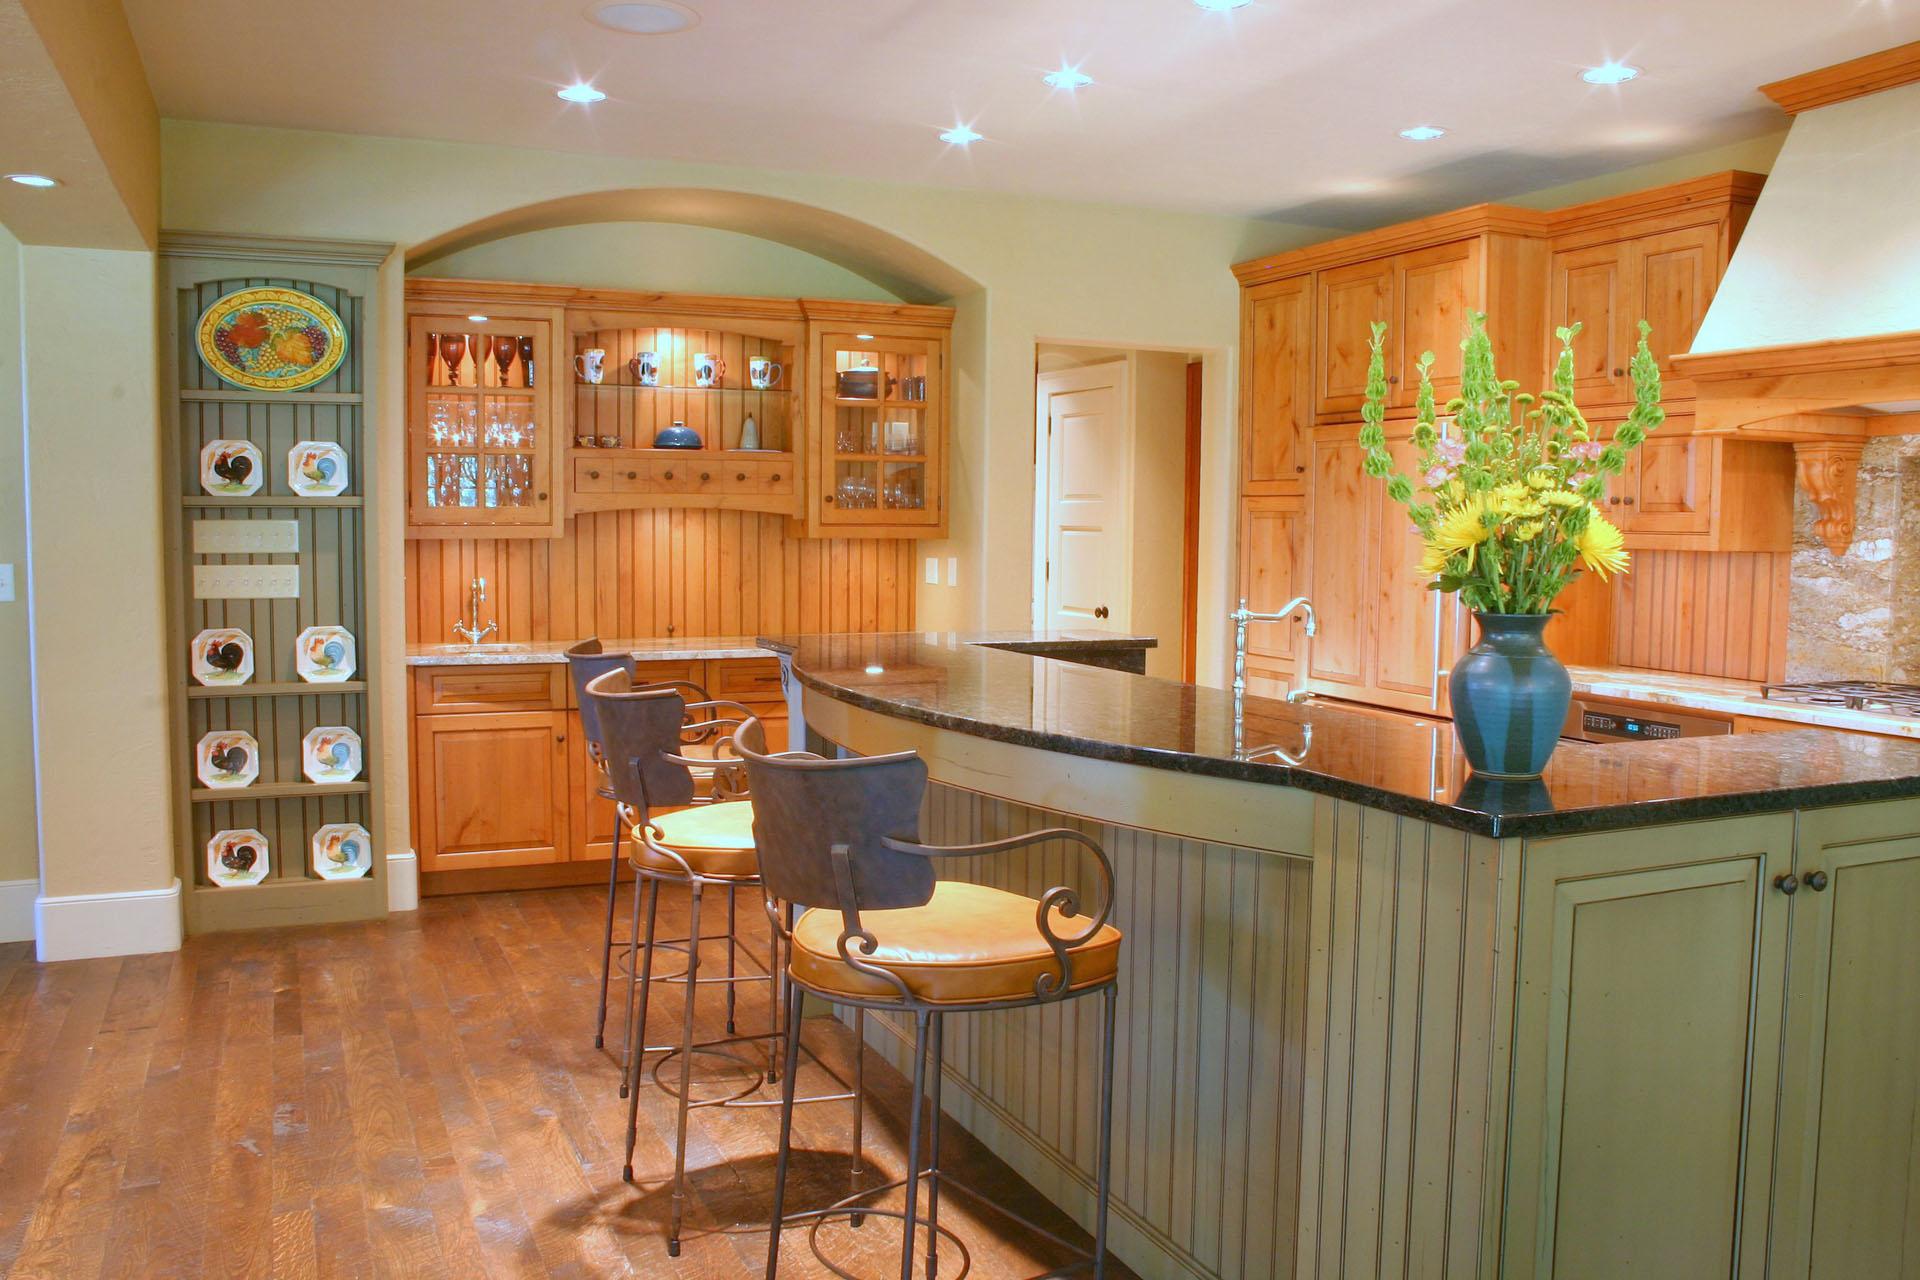 Limehouse Distressed Alder Kitchen Green Island